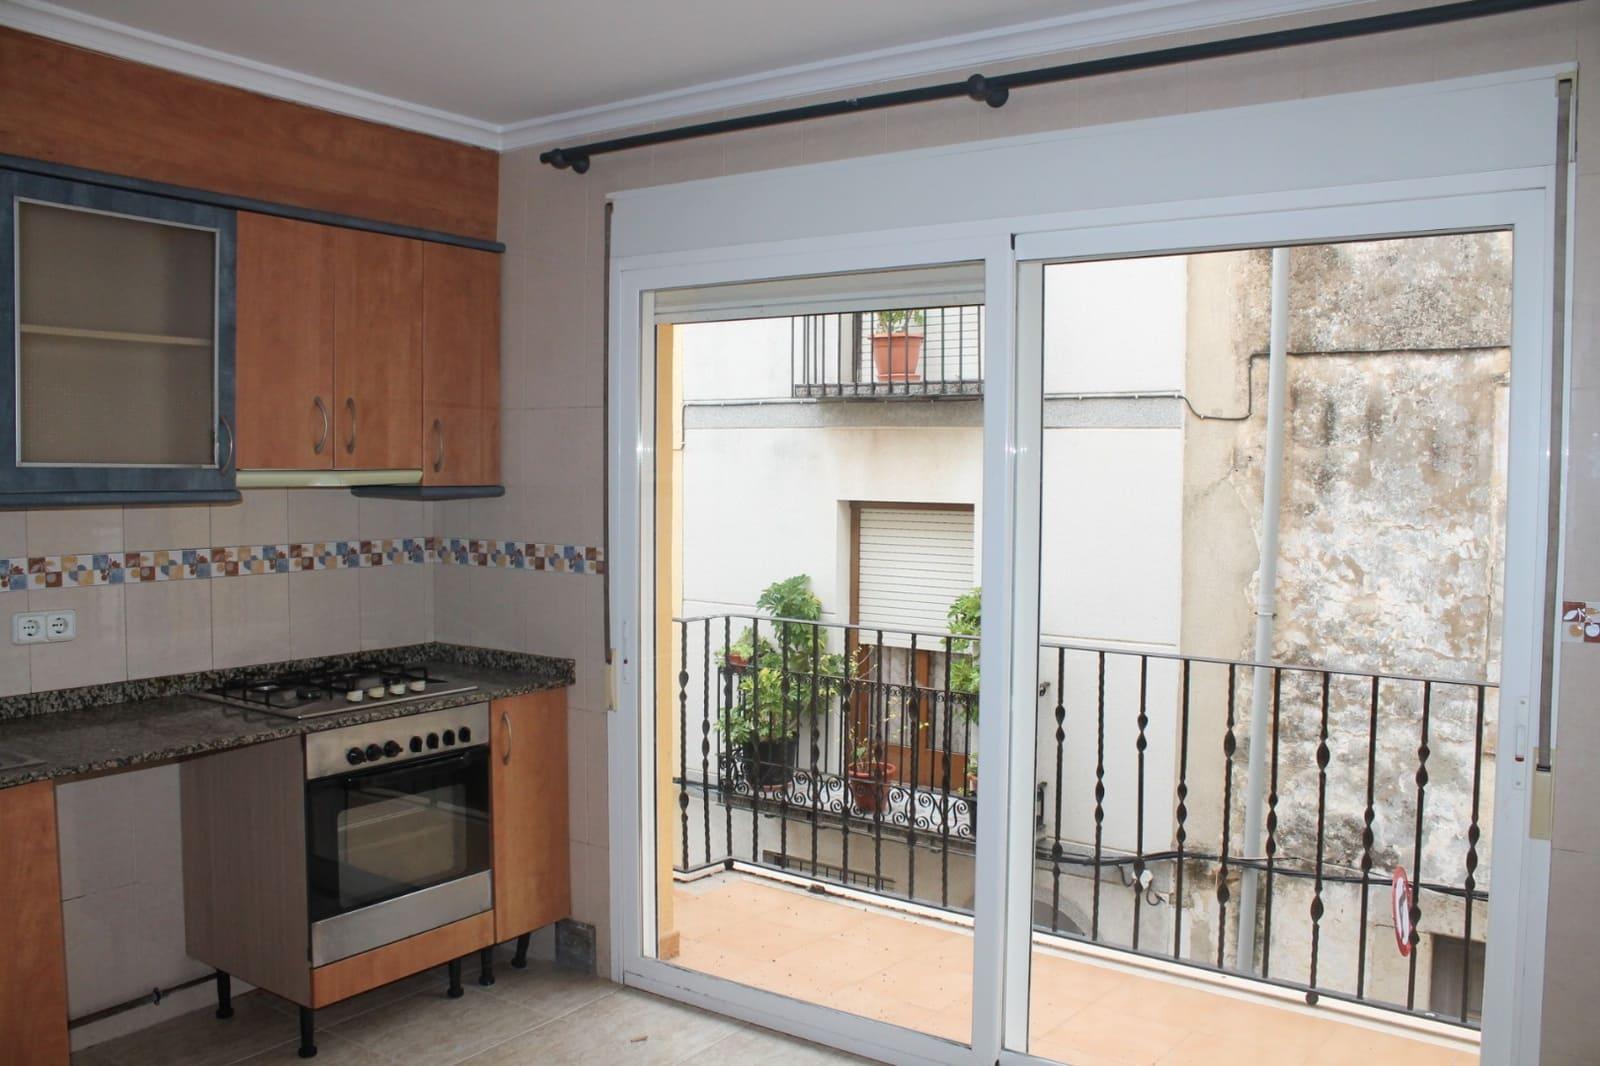 Casa de 4 habitaciones en Càlig en venta con garaje - 120.000 € (Ref: 5058082)